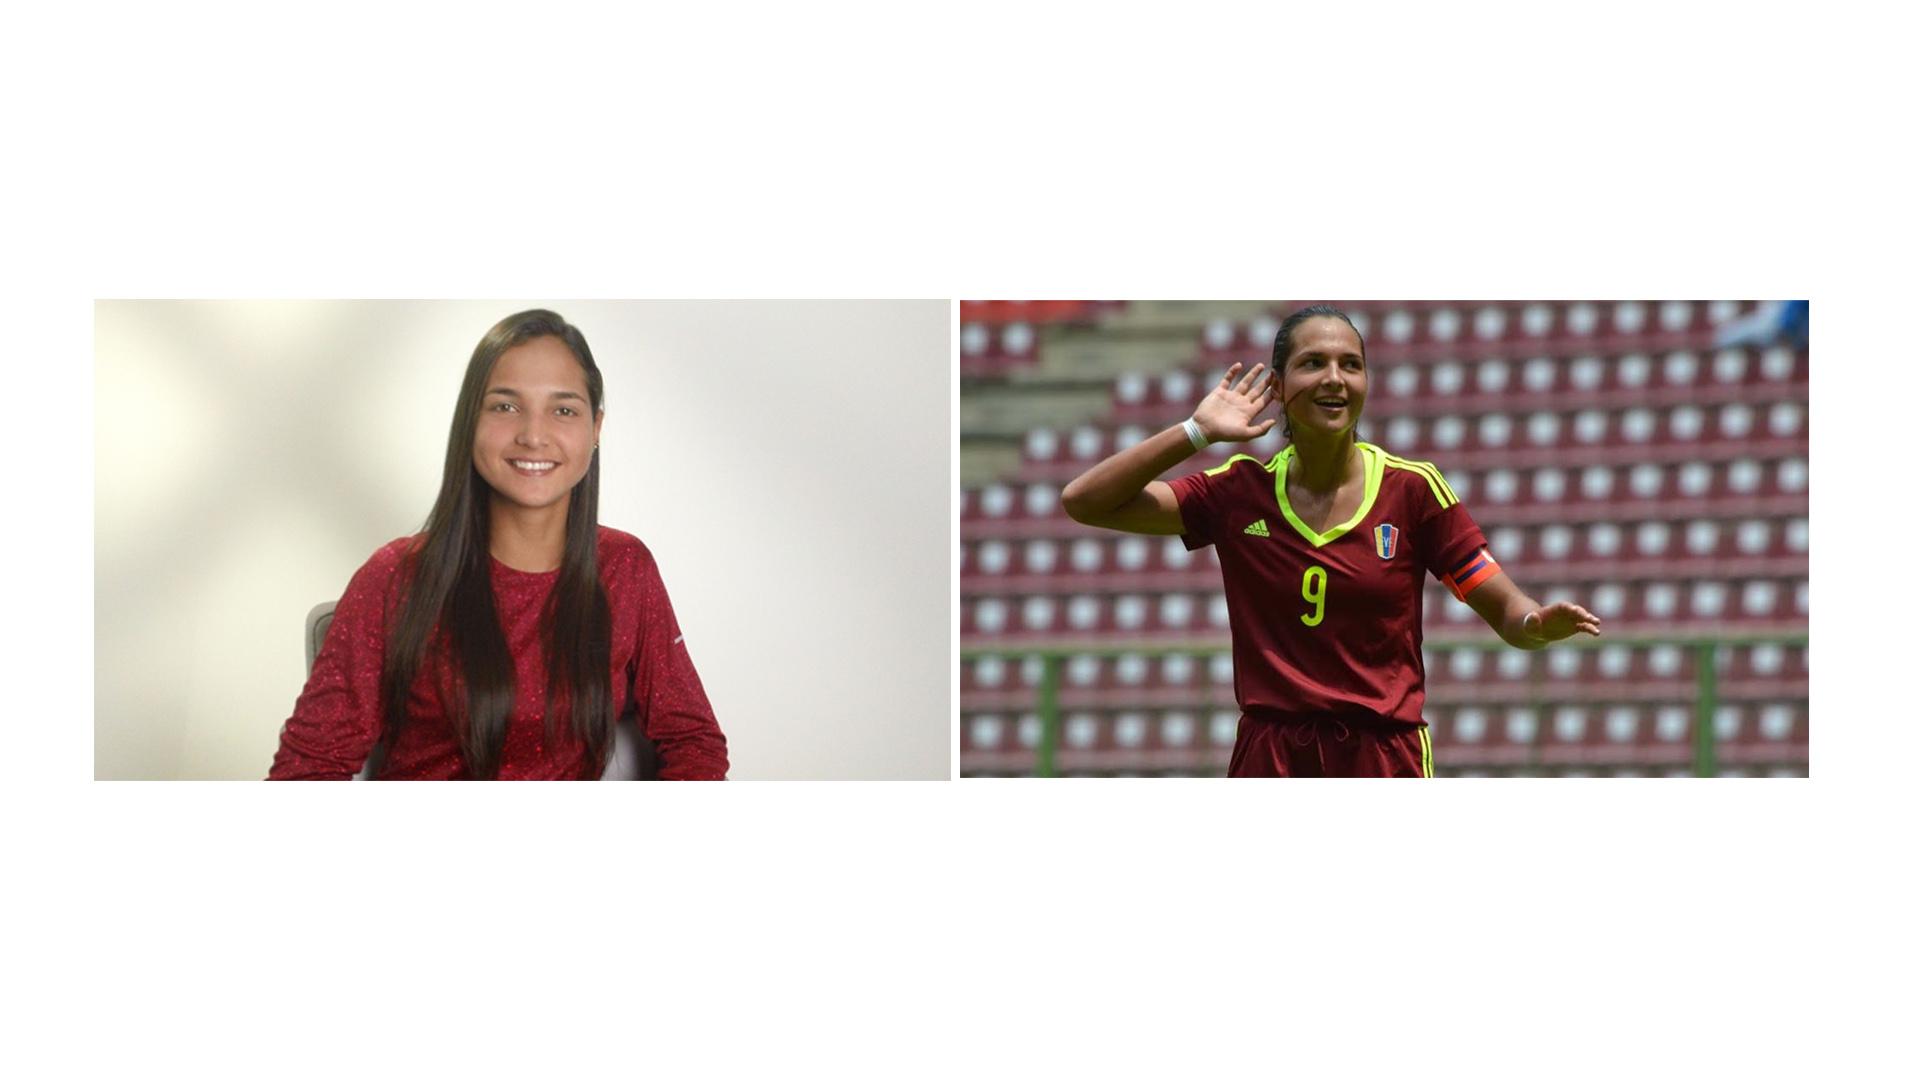 La venezolana tras una gran actuación a nivel futbolístico la hicieron acreedoras de premios y una beca deportiva que la llevara a Florida